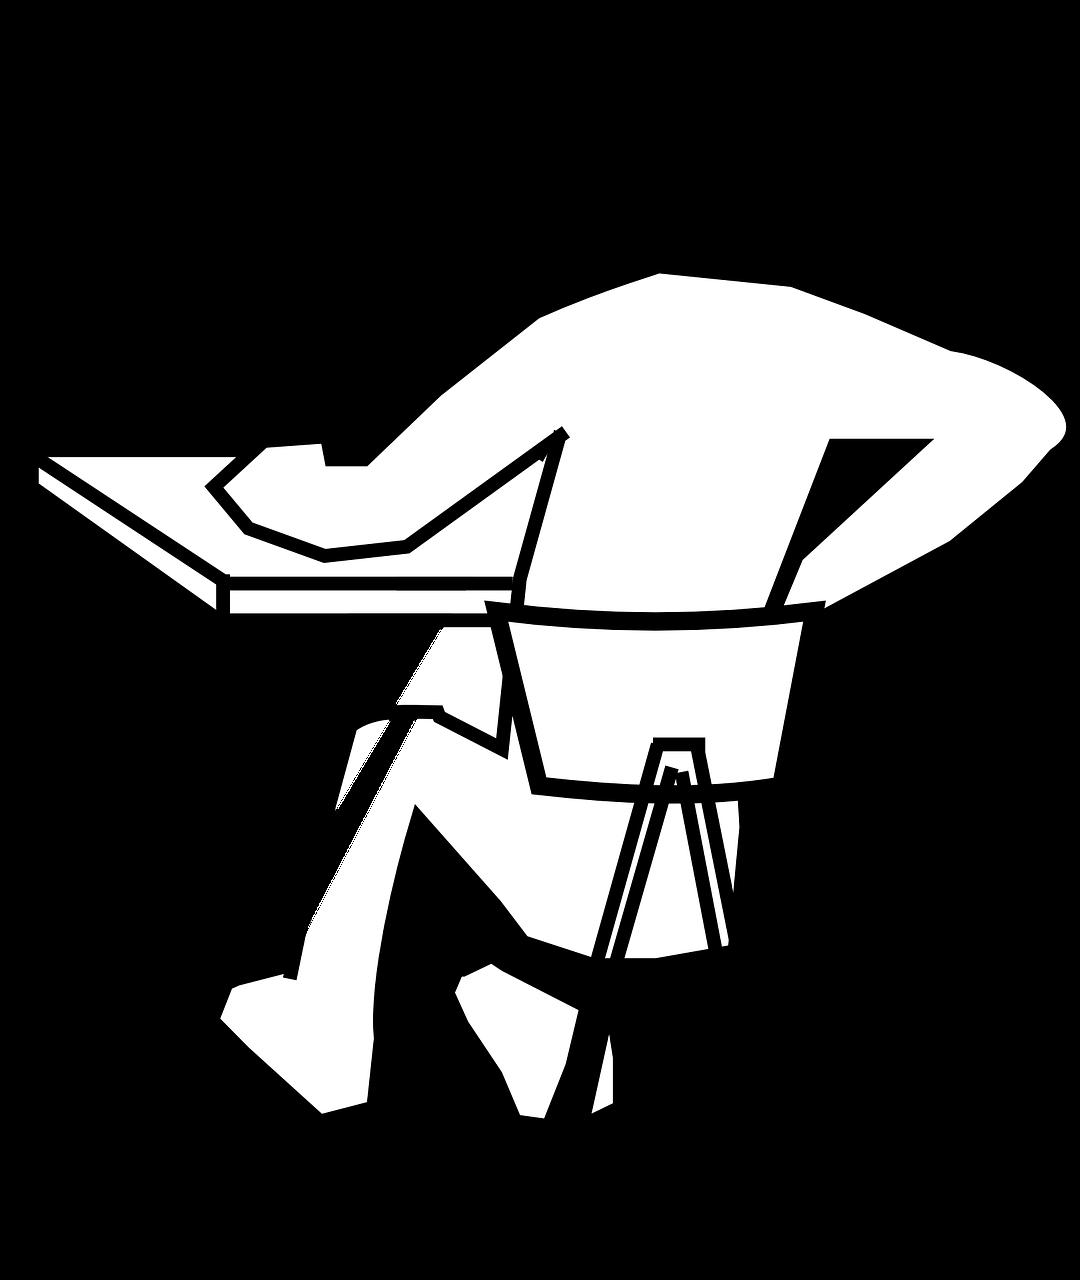 姿勢改善により、坐骨神経痛が解消します。